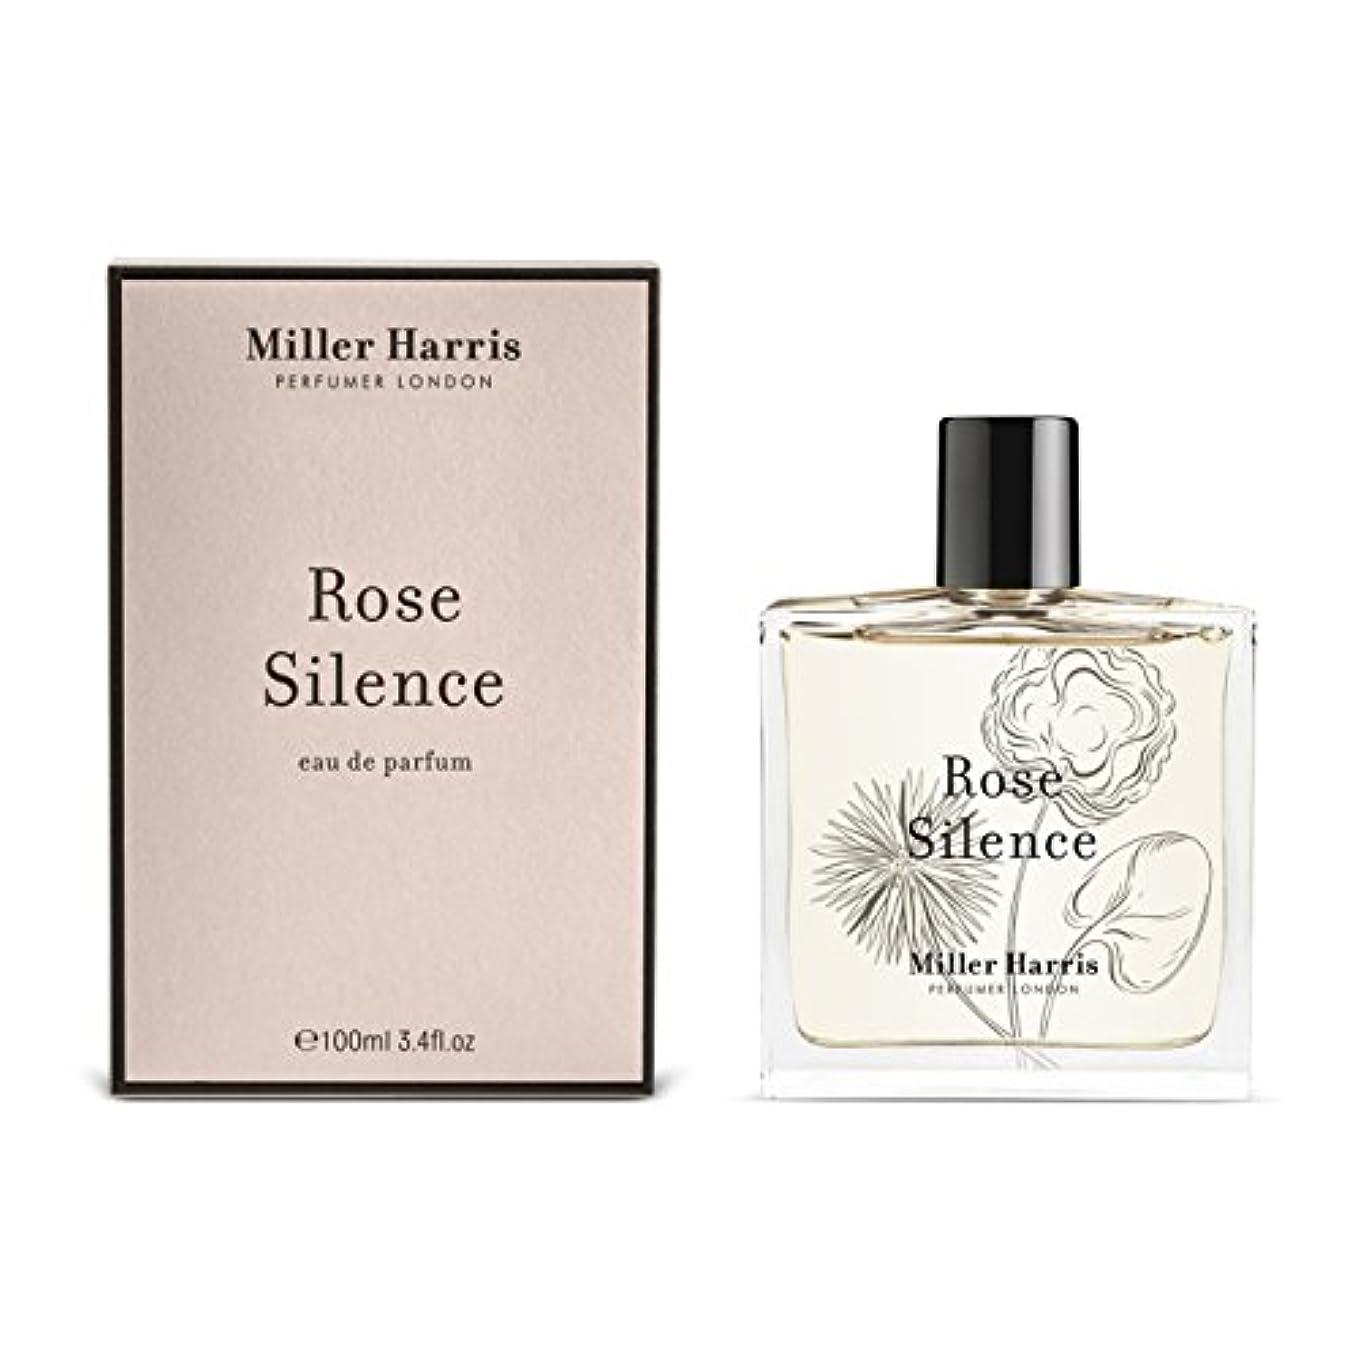 ロッジダウン甥ミラーハリス Rose Silence Eau Parfum Spray 100ml/3.4oz並行輸入品